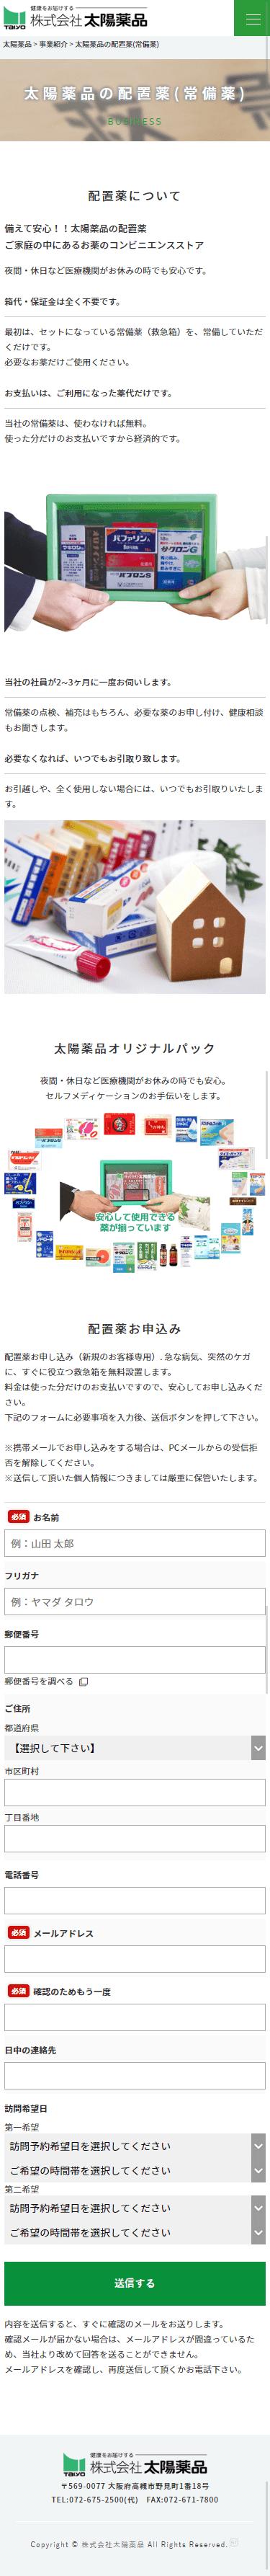 大阪府 株式会社太陽薬品 ホームページ制作4